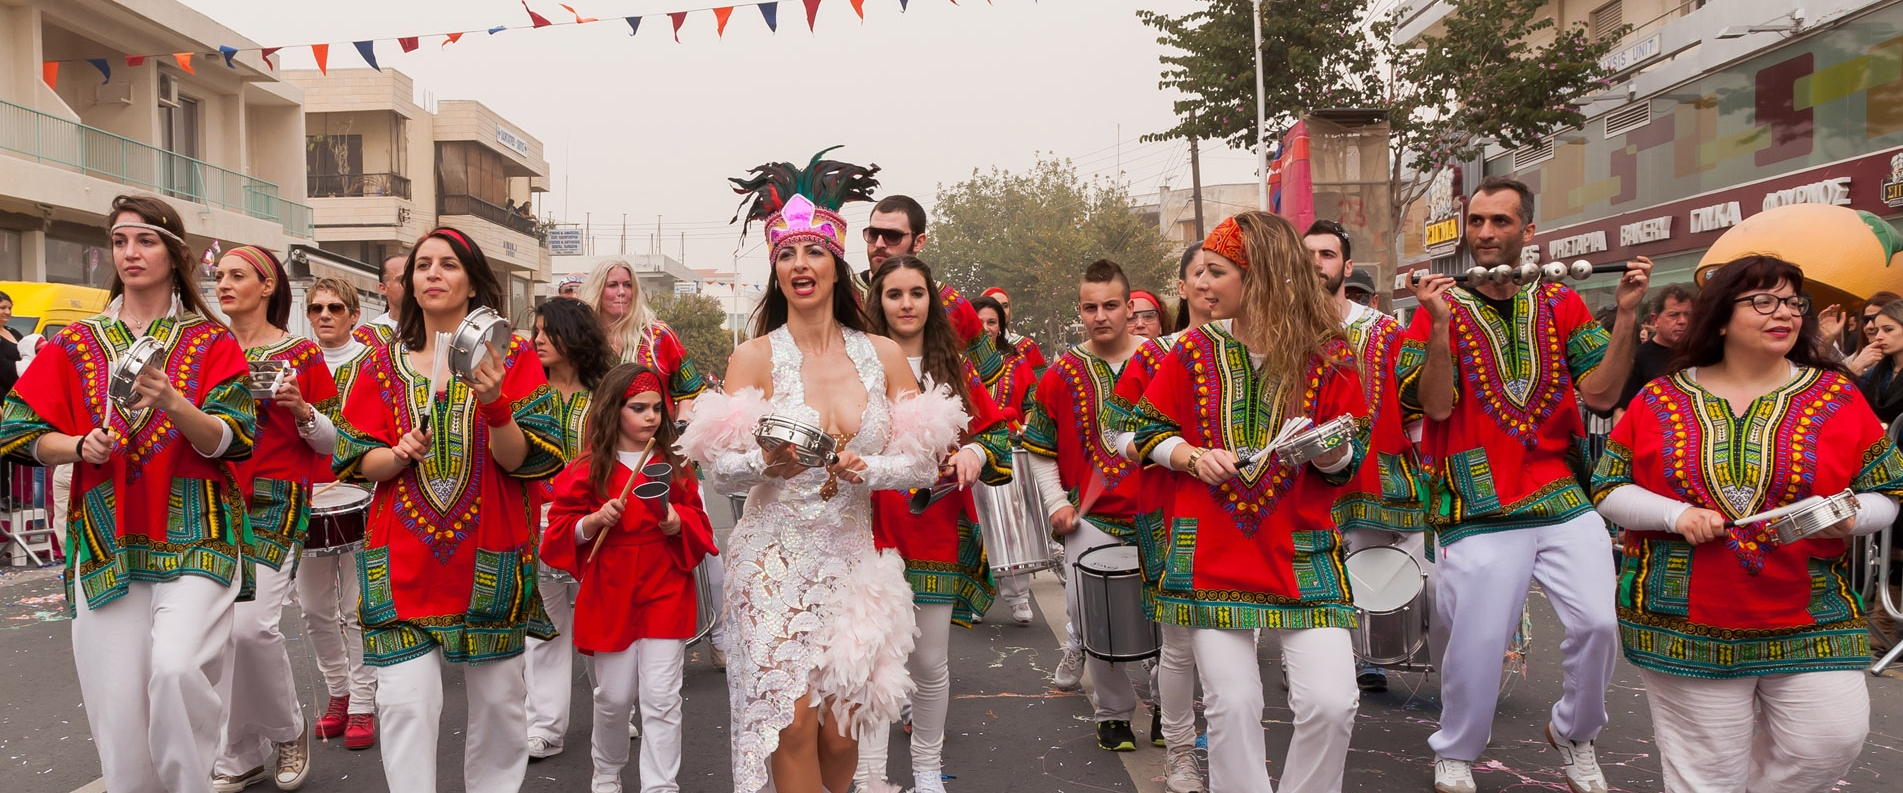 Большой Карнавал в Лимассоле 2017: программа праздника